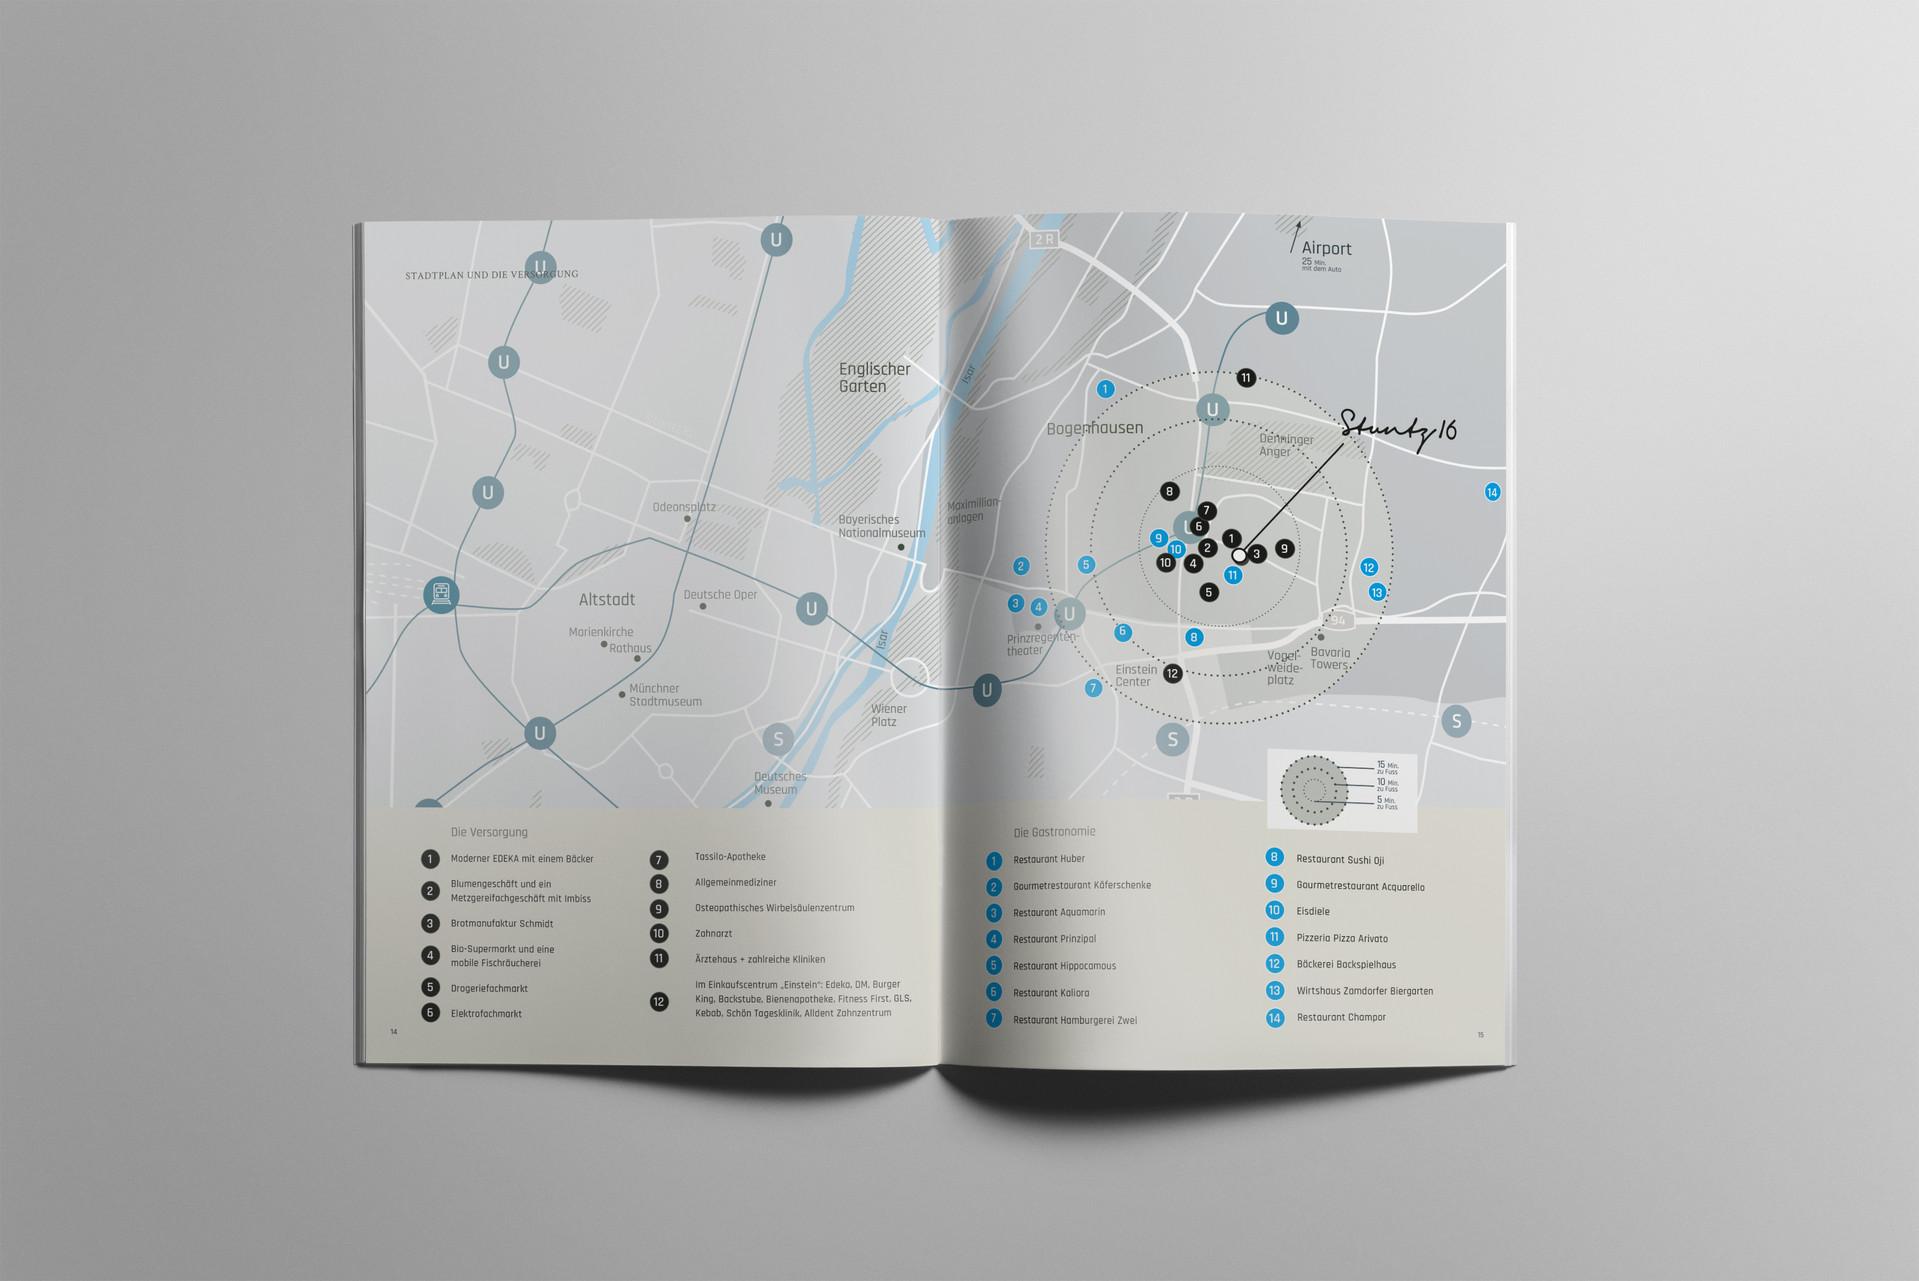 LBBW_Stunz16_S.14-15_04-brochure-a4-vert